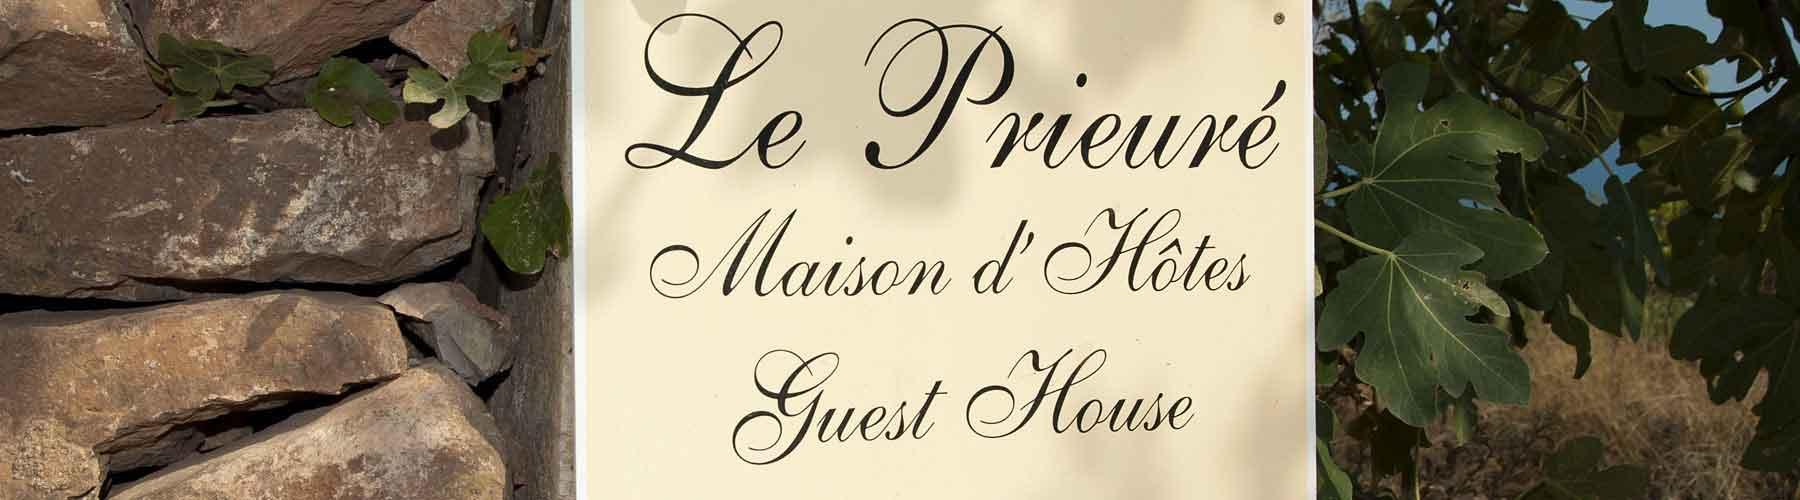 Reservation booking chambres d 39 h tes h tel le luc en provence dans le var - Chambre d hote le luc en provence ...